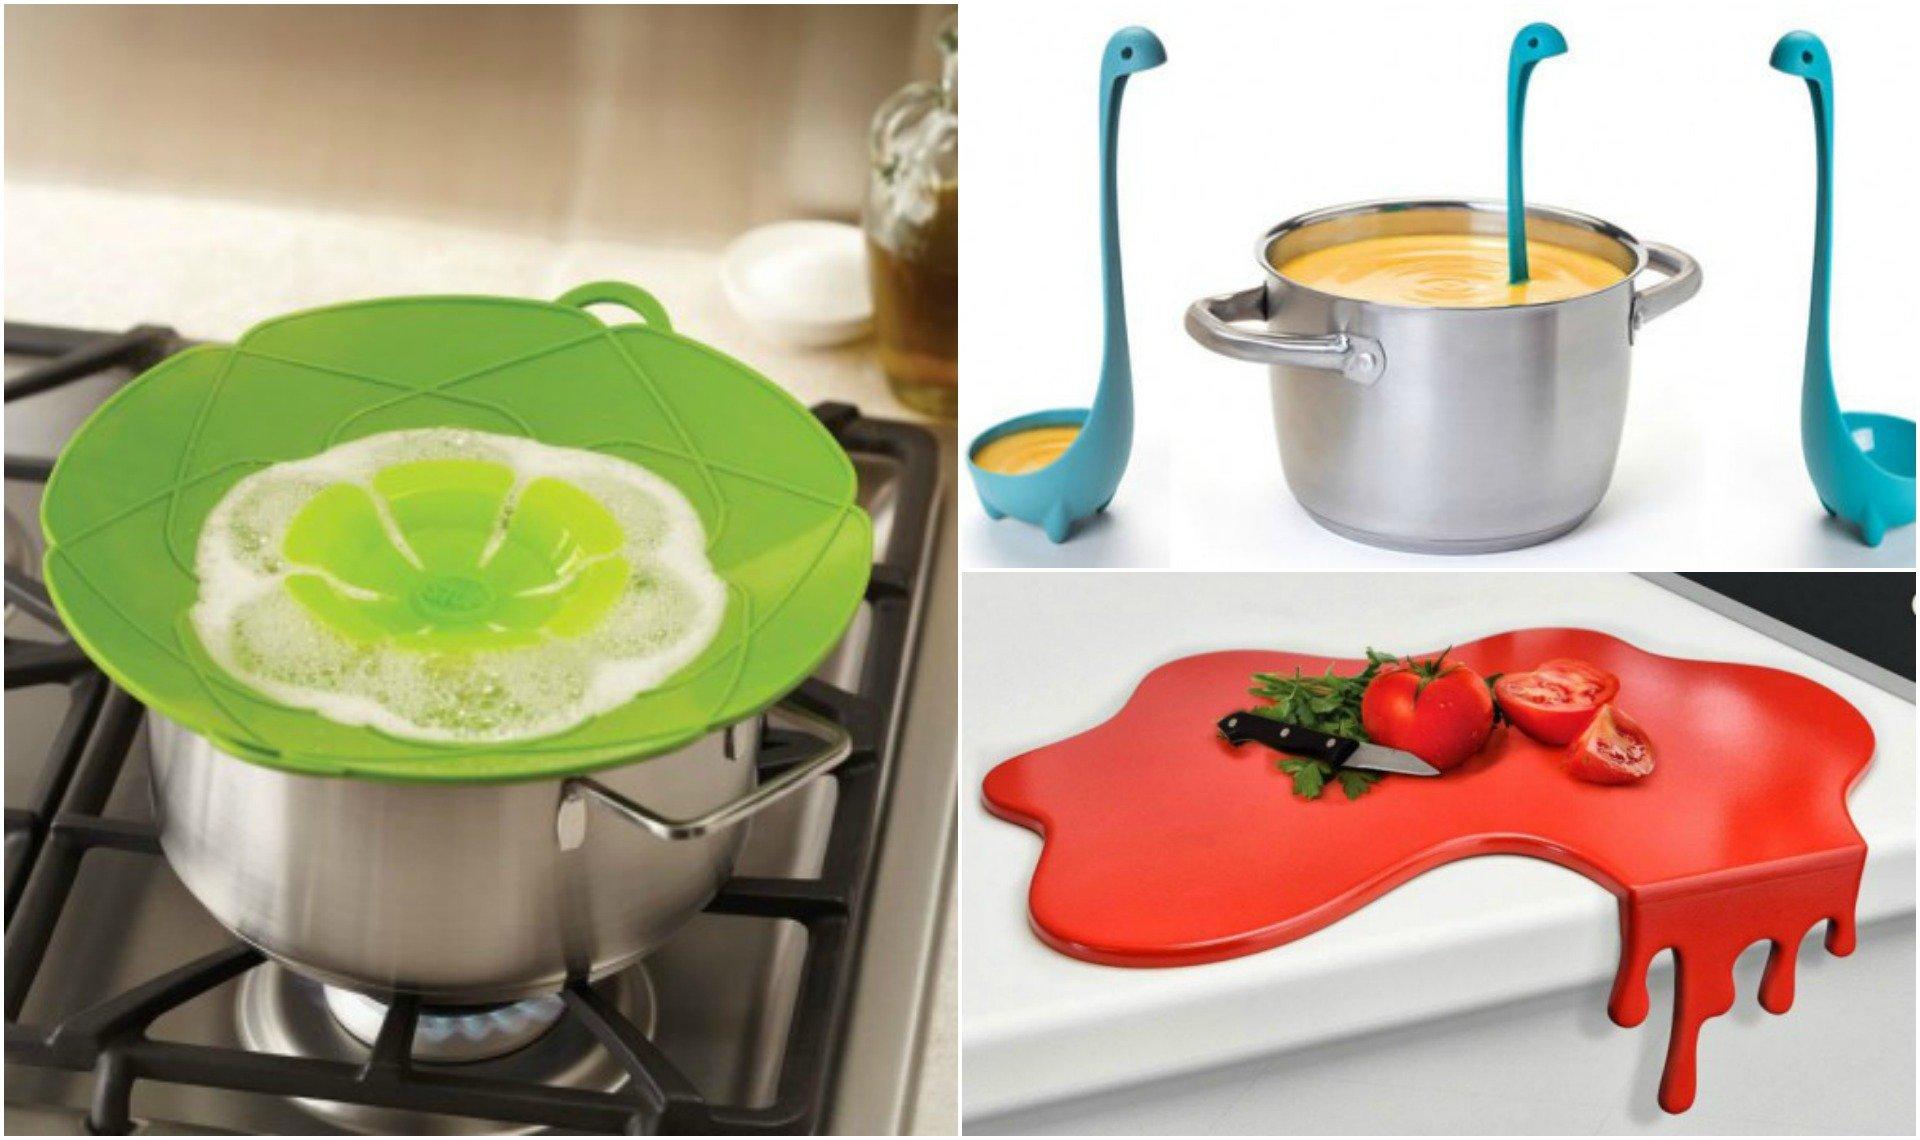 Nouveau shabby chic accessoires de cuisine uk hgd6 for Accesoires de cuisine